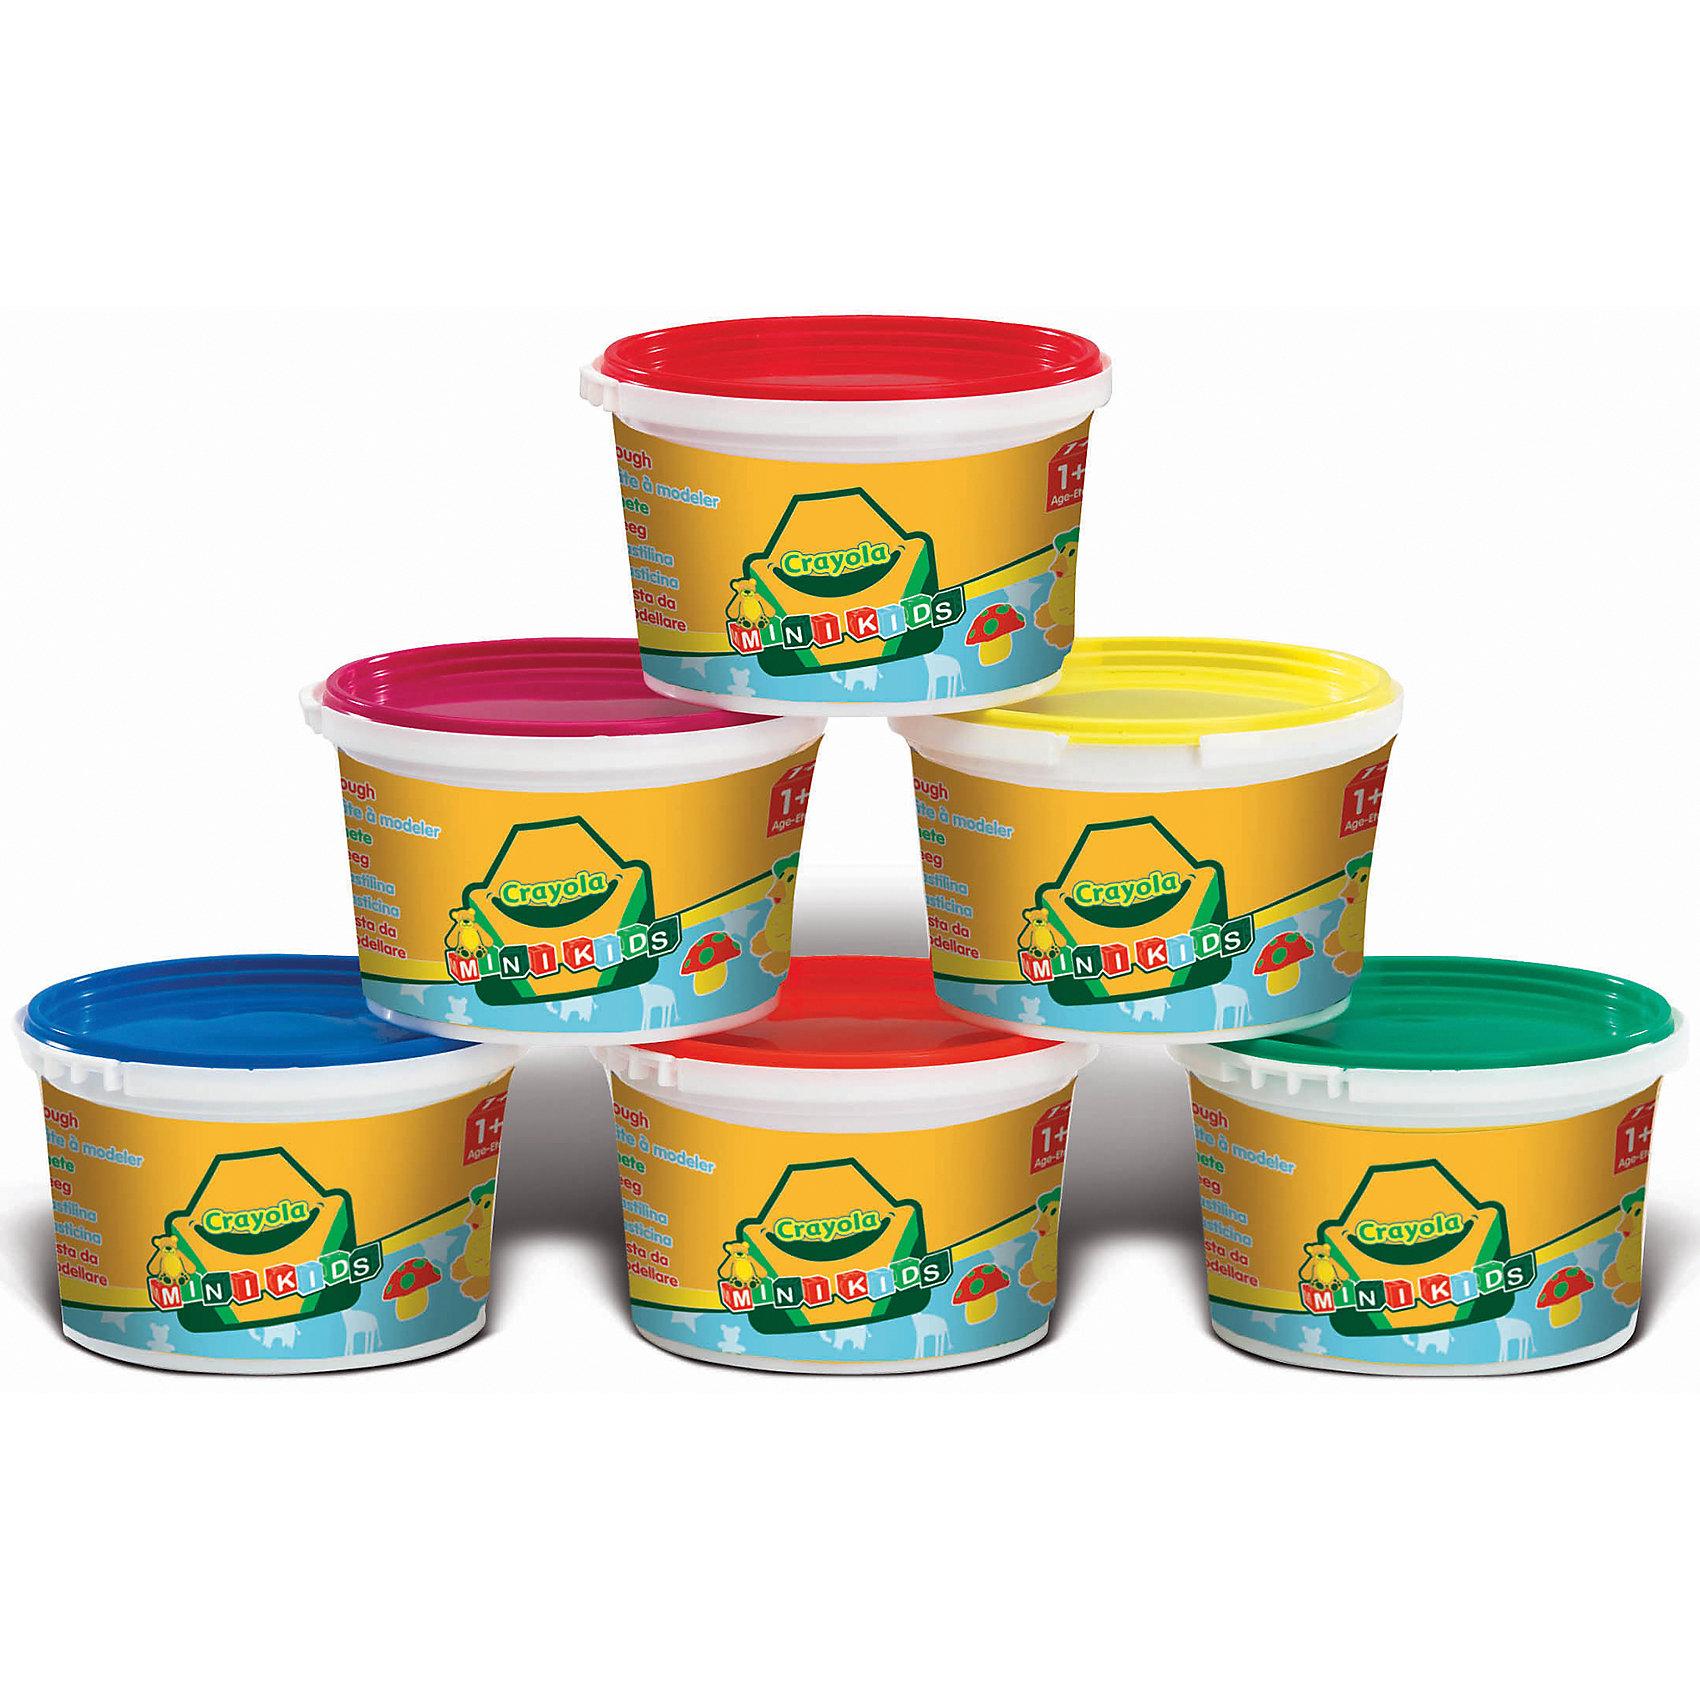 Масса для лепки в стакане Смешивай цвета, в ассортименте, CrayolaМасса для лепки<br>В этом стаканчике с крышкой-формочкой вы найдете 180 грамм массы для лепки Crayola (Крайола). Этот сверхмягкий и безопасный пластилин предназначен для детей уже с 1 года. <br>С помощью крышки-формочки можно вылепить из пластилина фигурку животного. <br>Такая масса для лепки легко разминается, с этим справятся даже самые маленькие дети. Пластилин Crayola (Крайола) изготовлен из натуральных компонентов на основе клейковины (муки пшеницы). Он абсолютно безопасен для ребенка, даже если тот решит попробовать кусочек.<br><br>Дополнительная информация:<br><br>Размеры баночки: 7,5х8,5х8,5 см.   <br>Вес: 180 грамм.<br><br>ВНИМАНИЕ! Данный артикул представлен в разных цветовых исполнениях. К сожалению, заранее выбрать определенный цвет невозможно. При заказе нескольких артикулов возможно получение одинаковых.<br><br>В ассортименте представлено 7 цветов массы для лепки: красная, желтая, розовая, оранжевая, зеленая, синяя, фиолетовая. На каждой баночке – своя формочка: бабочка, котенок, щенок, белка и т.п, картинка не зависит от цвета и попадается случайным образом.<br><br>Массу для лепки в стакане Смешивай цвета, в ассортименте, Crayola (Крайола) можно купить в нашем магазине.<br><br>Ширина мм: 85<br>Глубина мм: 85<br>Высота мм: 75<br>Вес г: 215<br>Возраст от месяцев: 36<br>Возраст до месяцев: 2147483647<br>Пол: Унисекс<br>Возраст: Детский<br>SKU: 2149666